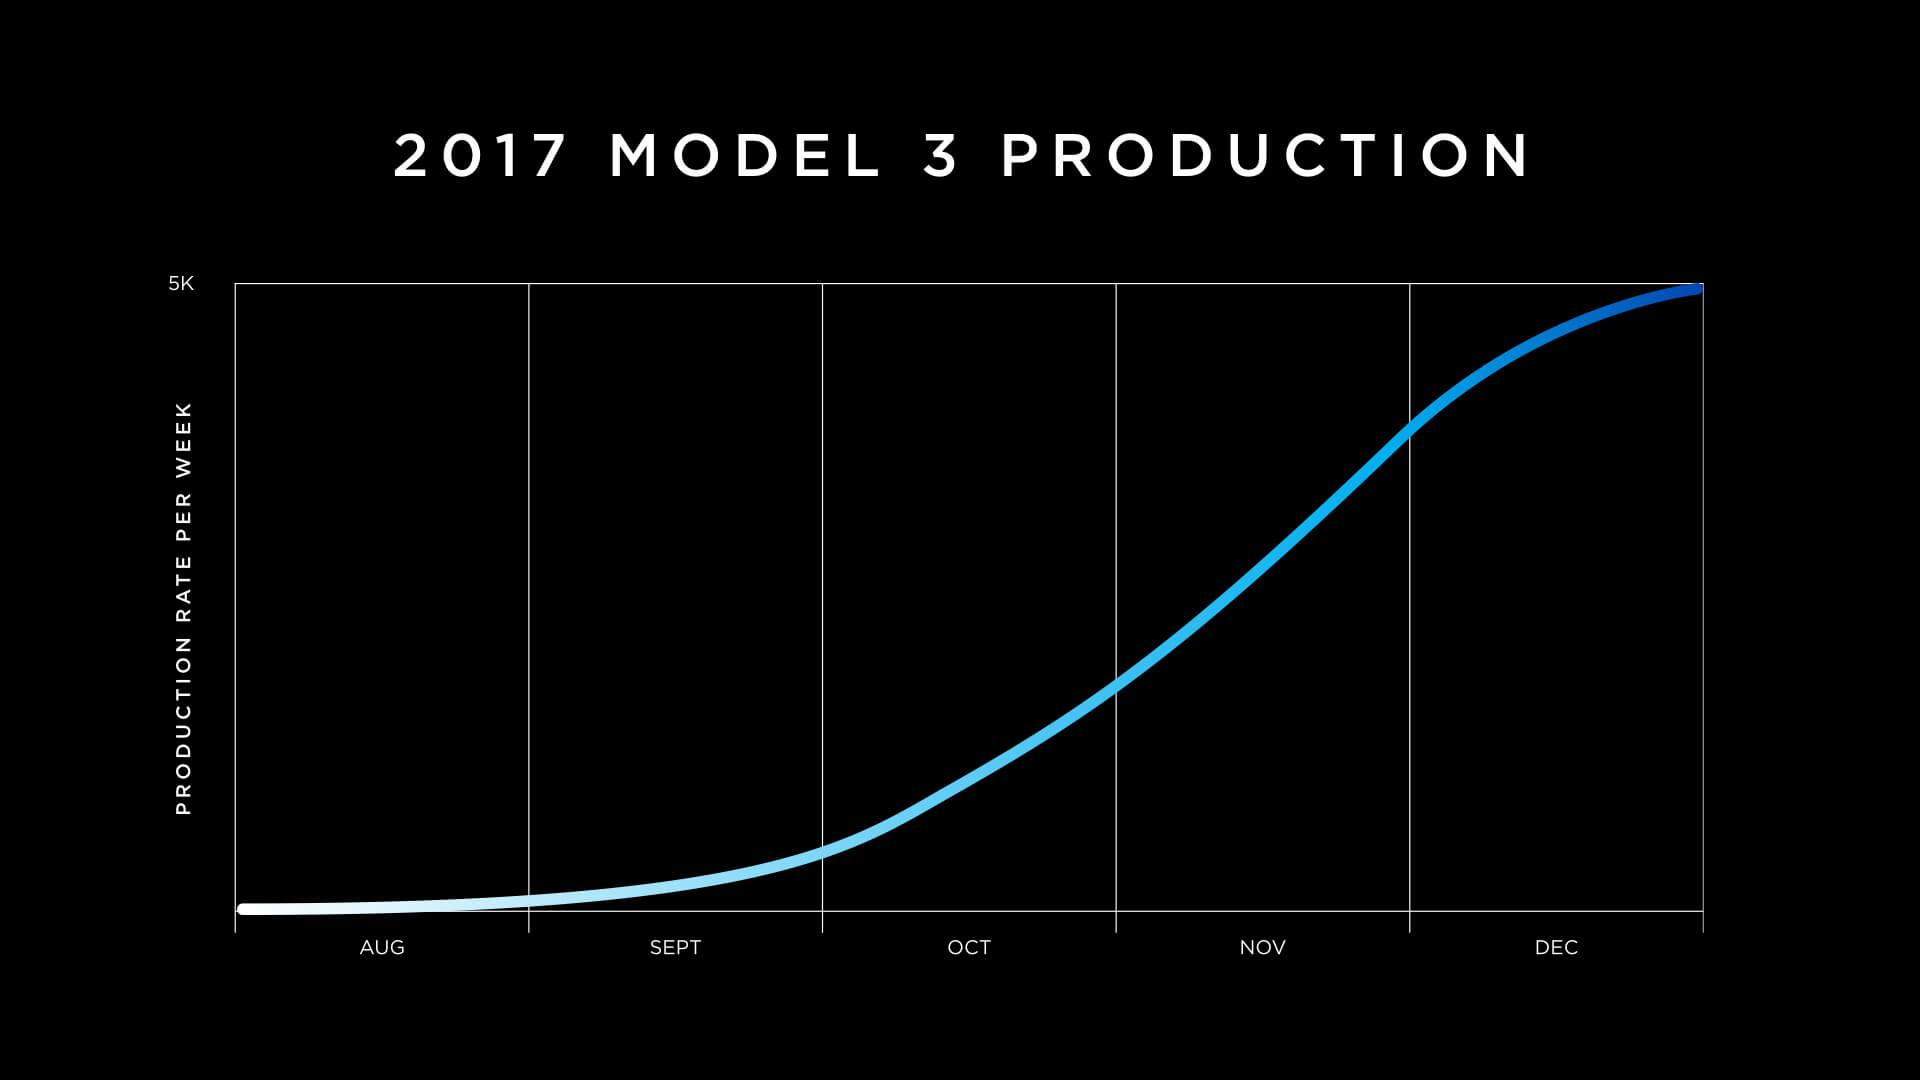 График поставок Model 3 до конца 2017 года